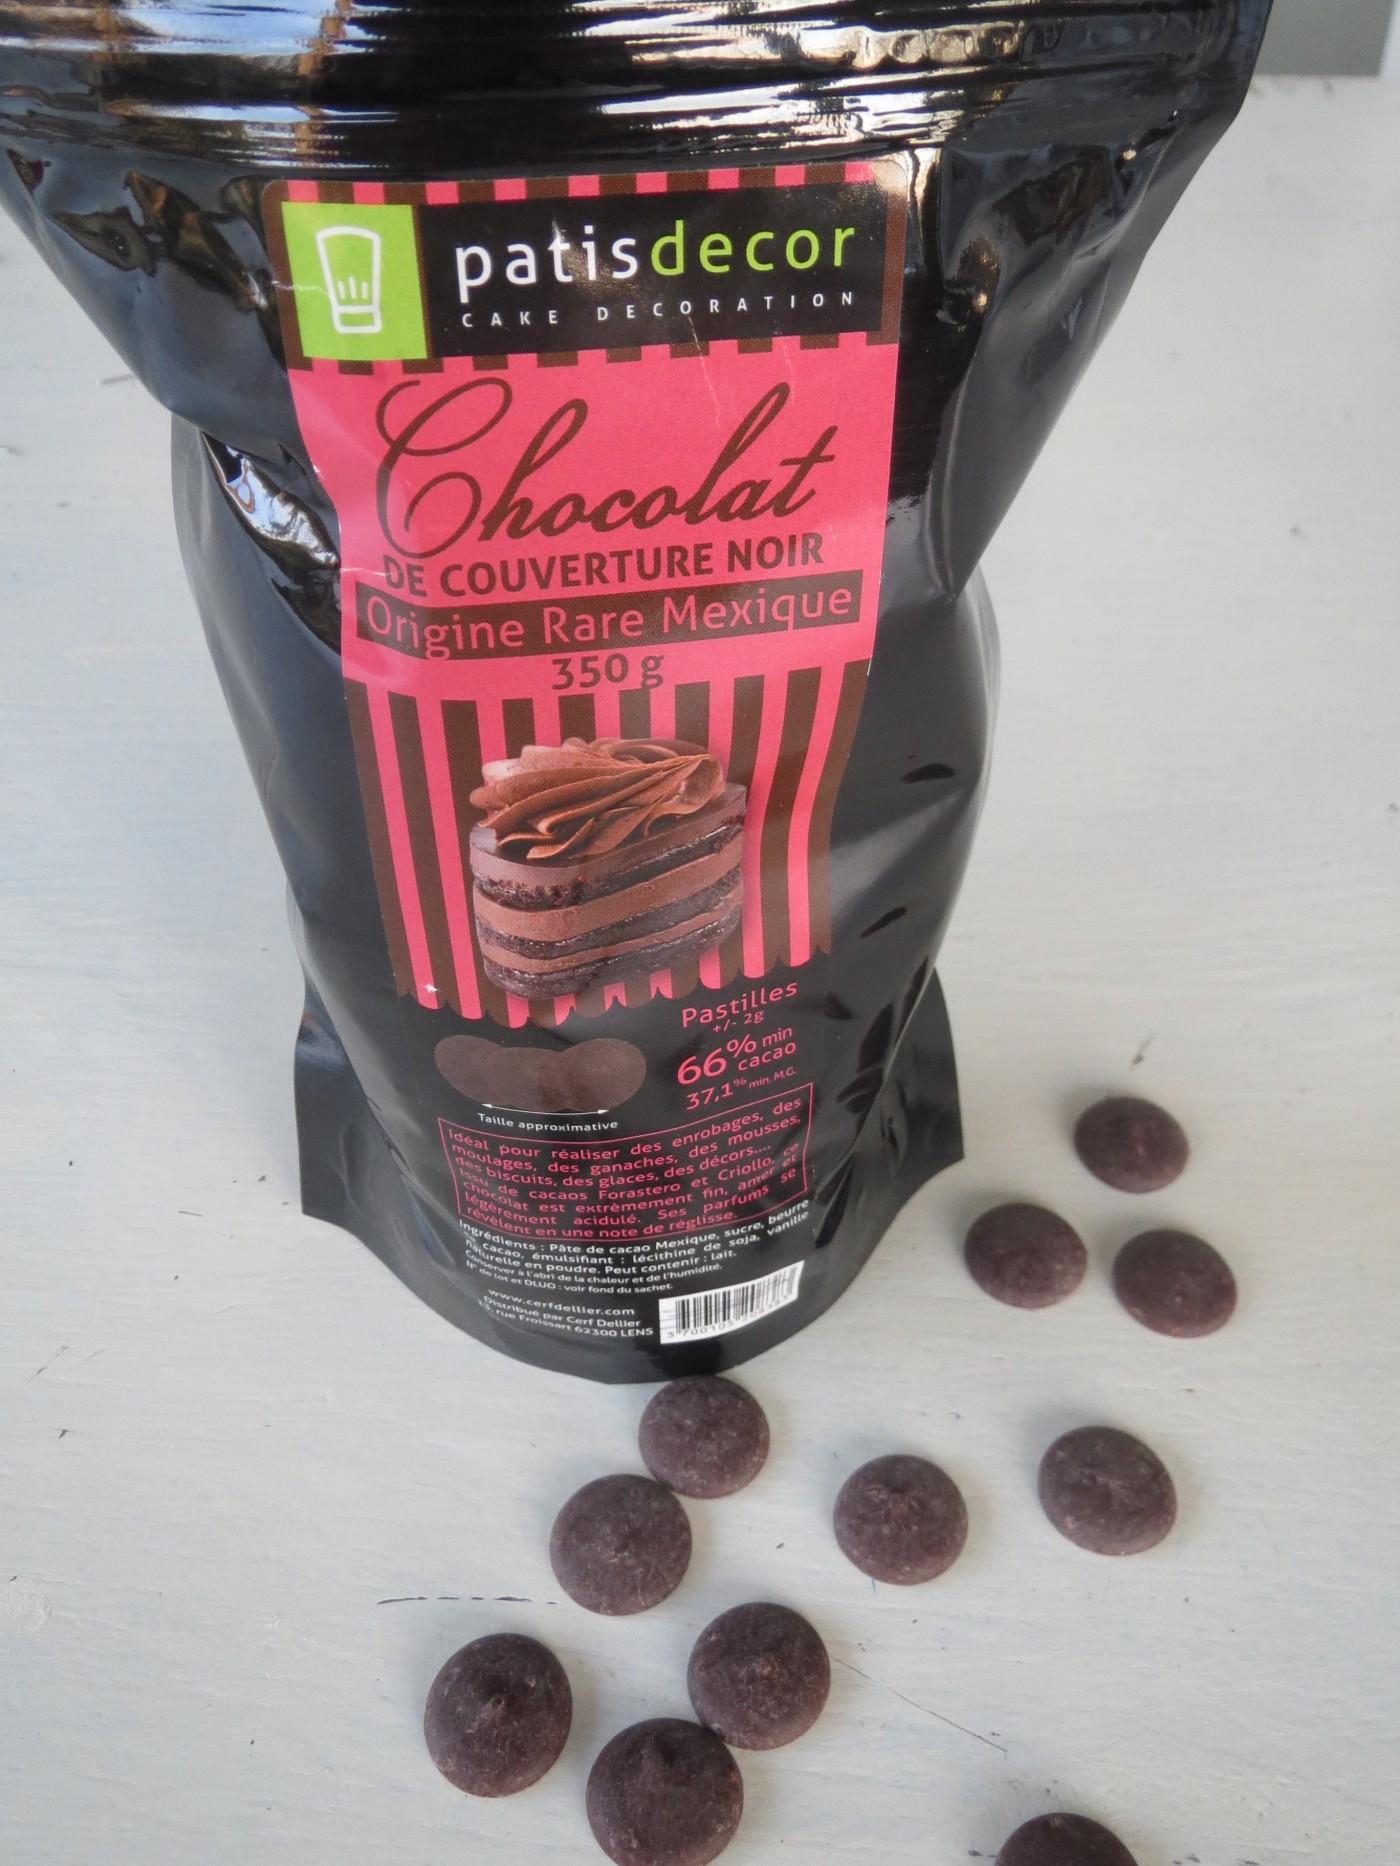 J'ai testé pour vous chocolat de couverture noir Origine rare Mexique - Patisdécor